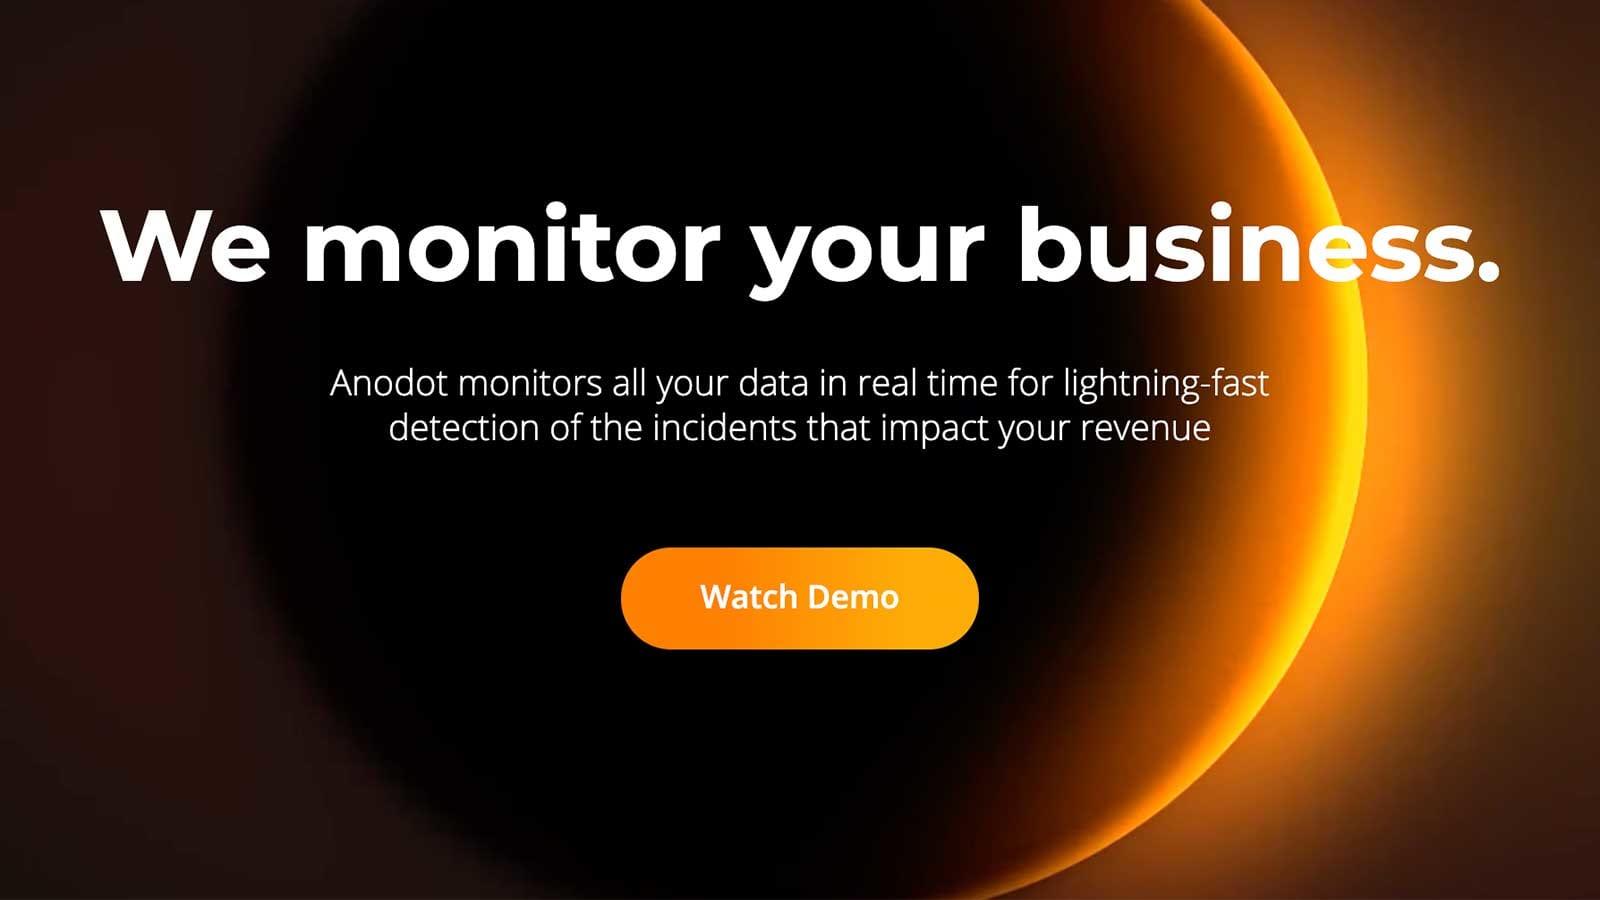 ビジネスをリアルタイムで監視し問題の根本原因を突き止める自律型モニタリングシステムAnodot